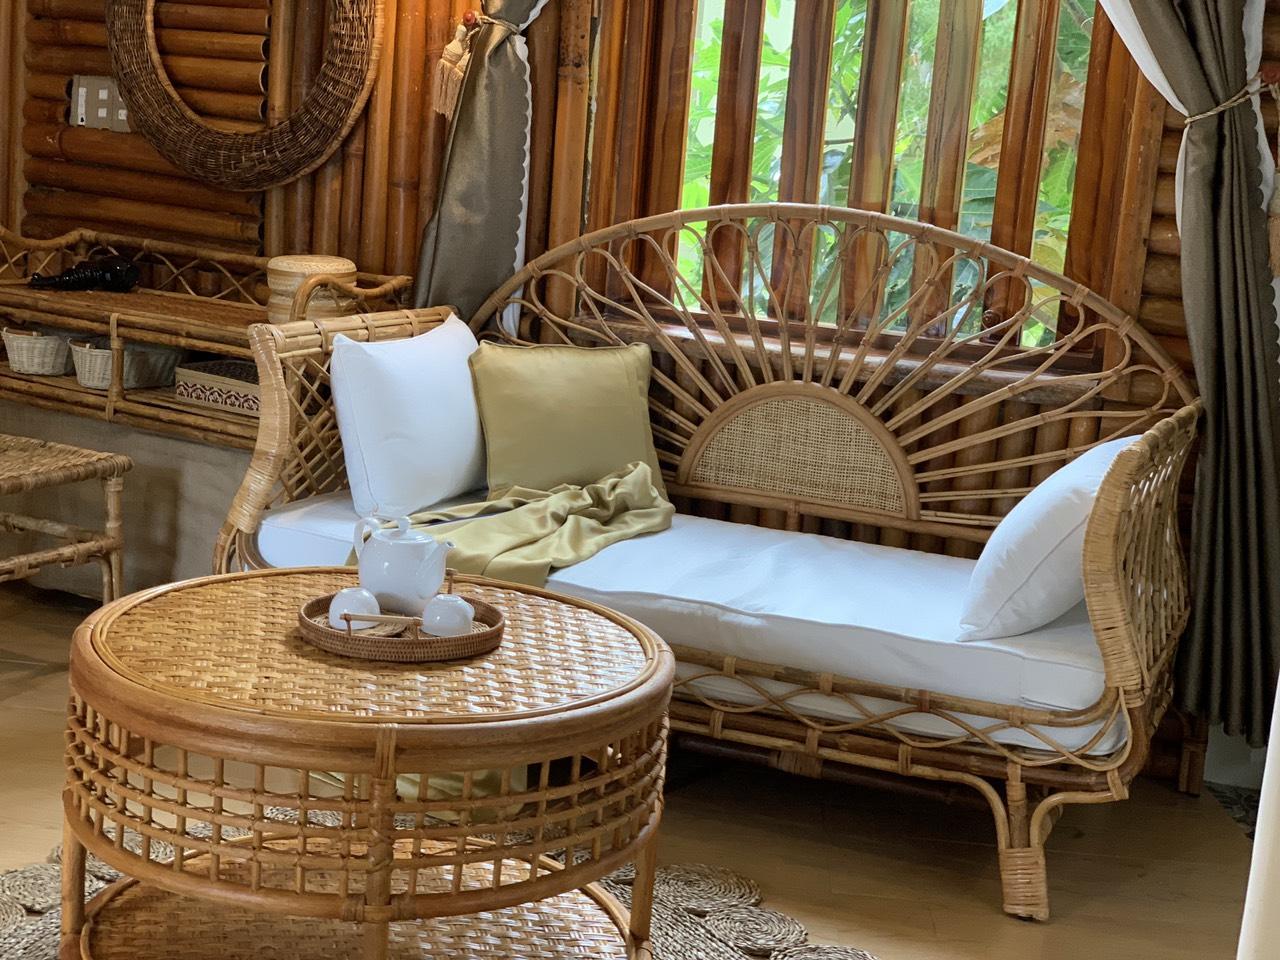 Bộ Bàn Ghế/ Giường Đơn Thư Giãn theo Phong Cách Á Đông _ Rattan Set in Venice Design Indochine SET11